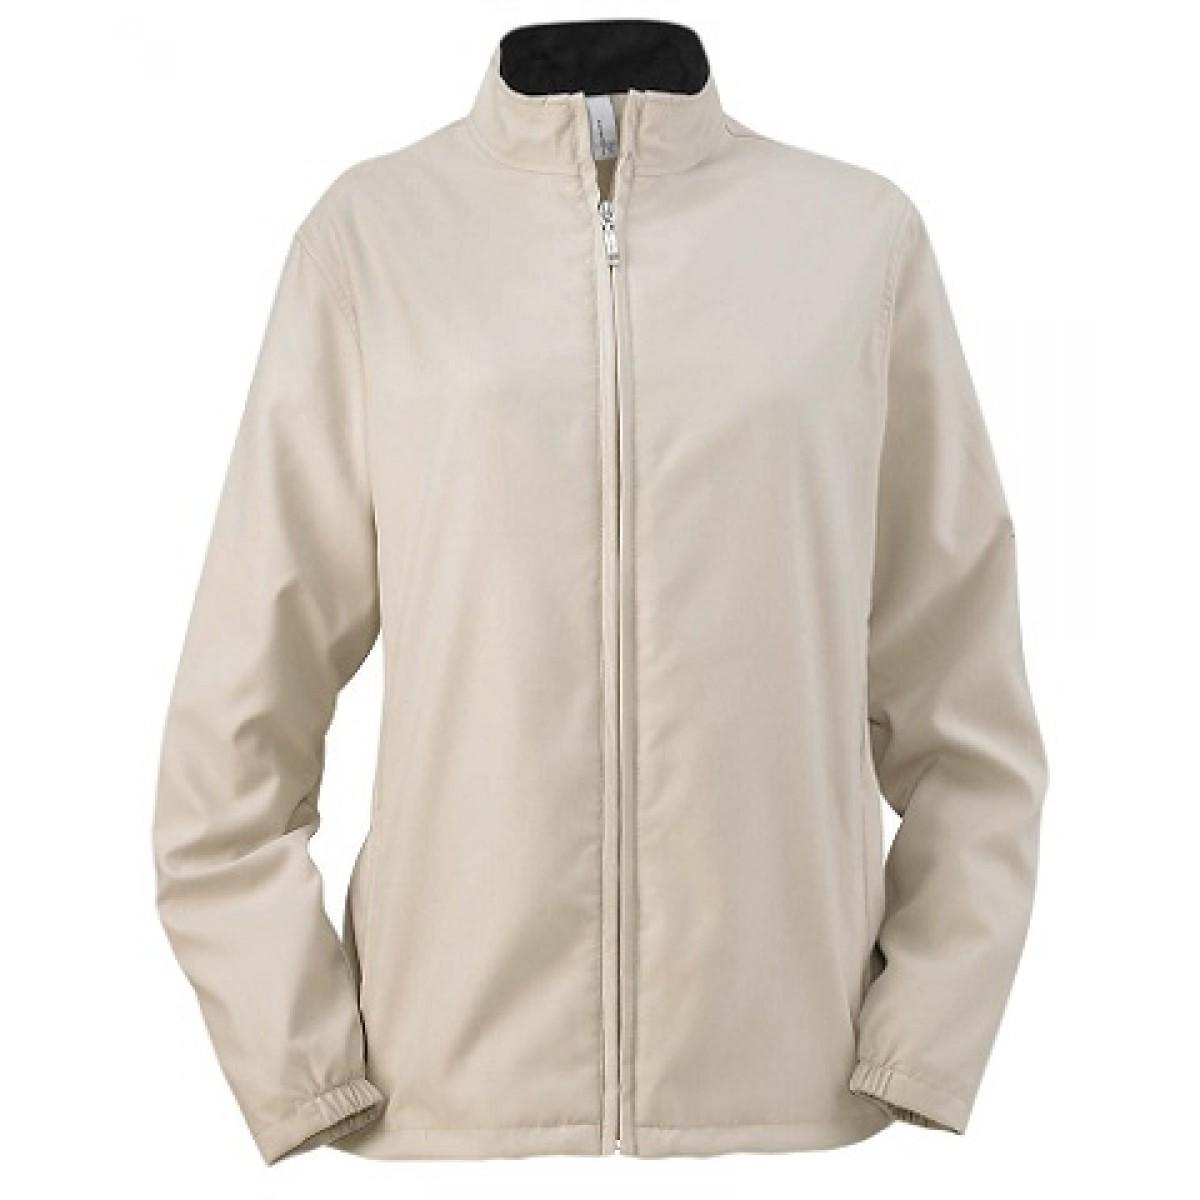 Ladies' Full-Zip Lined Wind Jacket-S